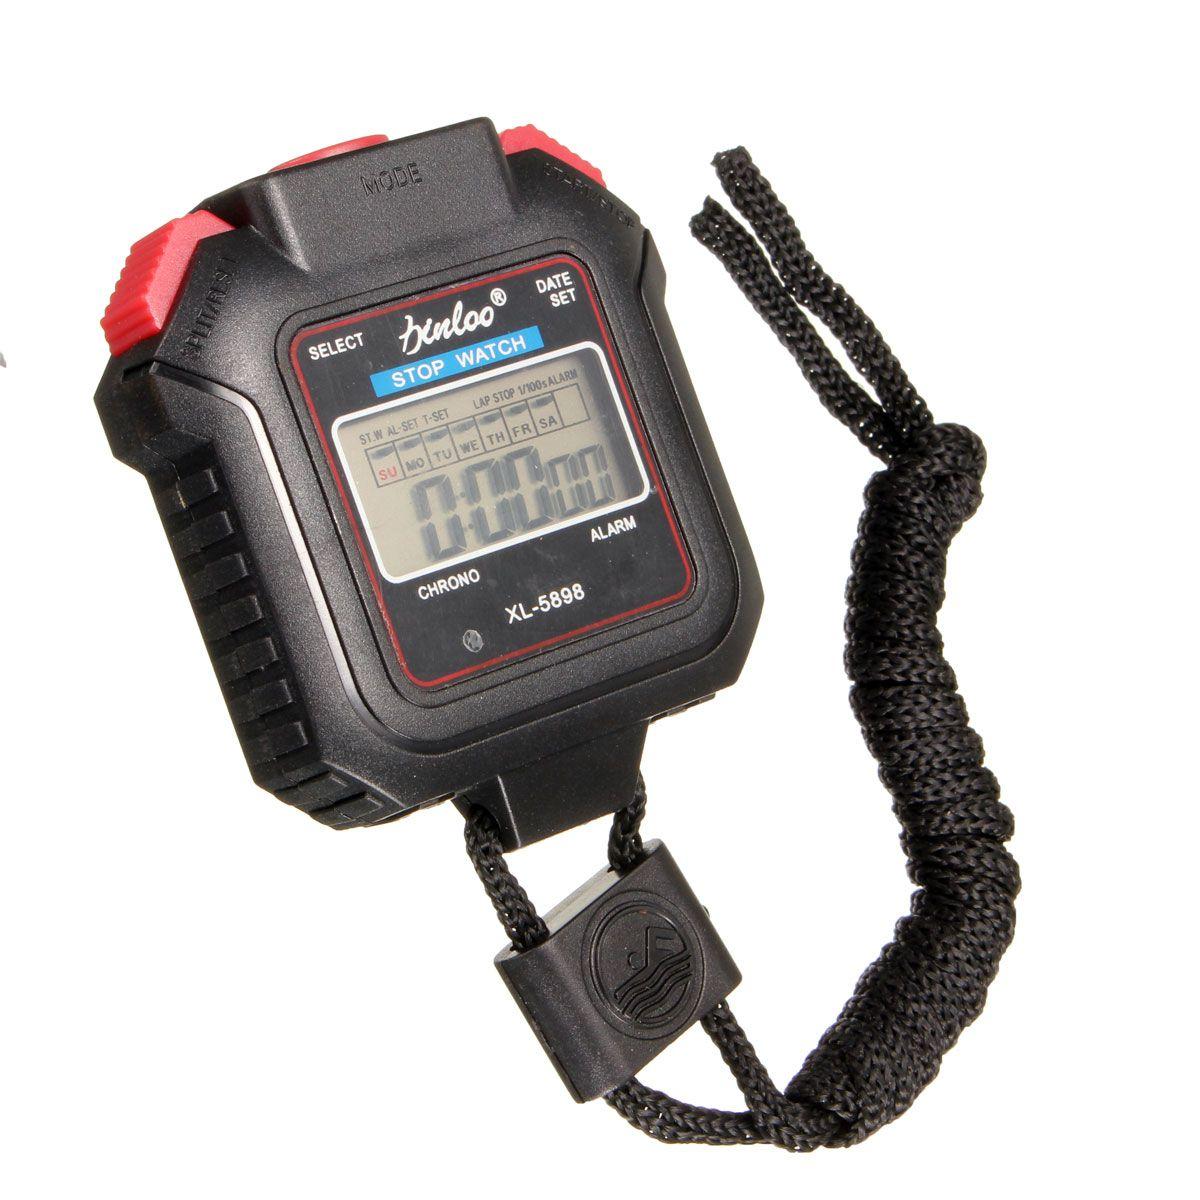 aa04cd552eaa Digital de los deportes del reloj de bolsillo cronómetro cronómetro  contador de alarma del temporizador se ejecuta